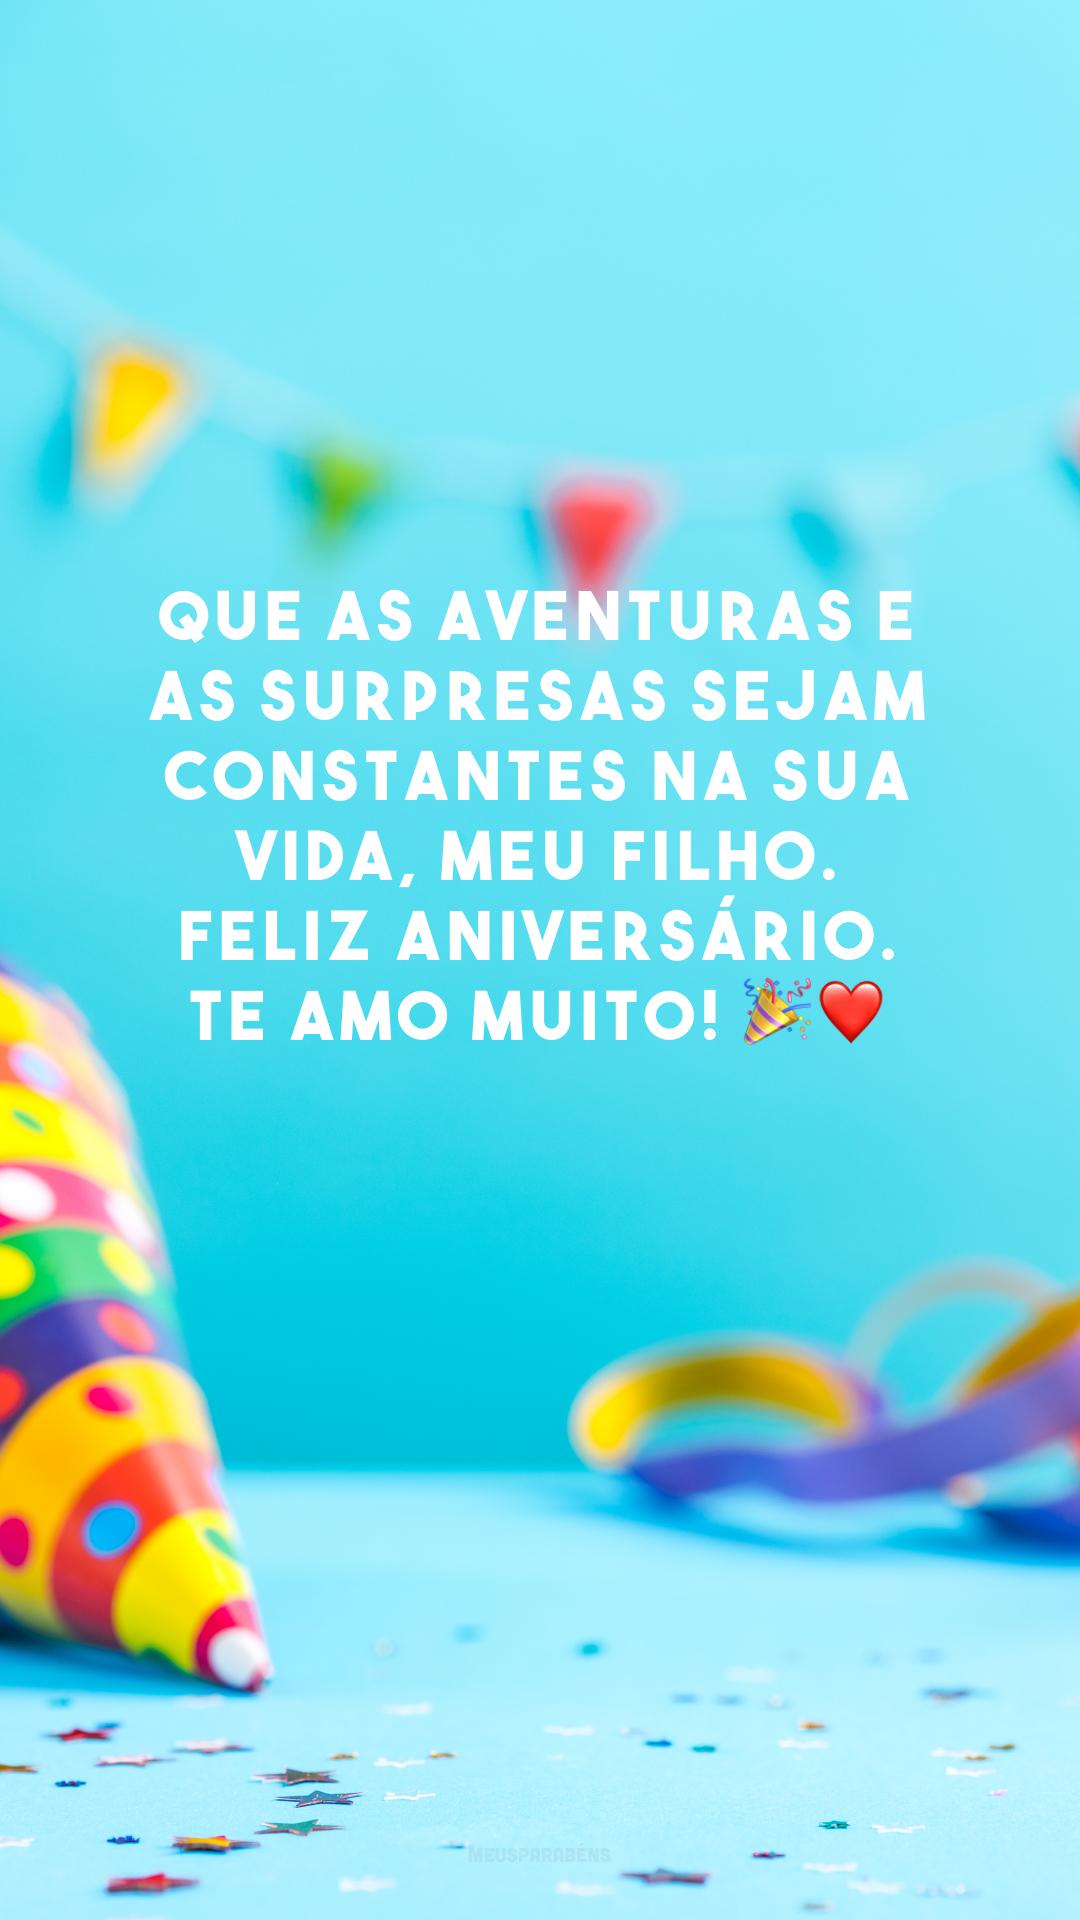 Que as aventuras e as surpresas sejam constantes na sua vida, meu filho. Feliz aniversário. Te amo muito! 🎉❤️